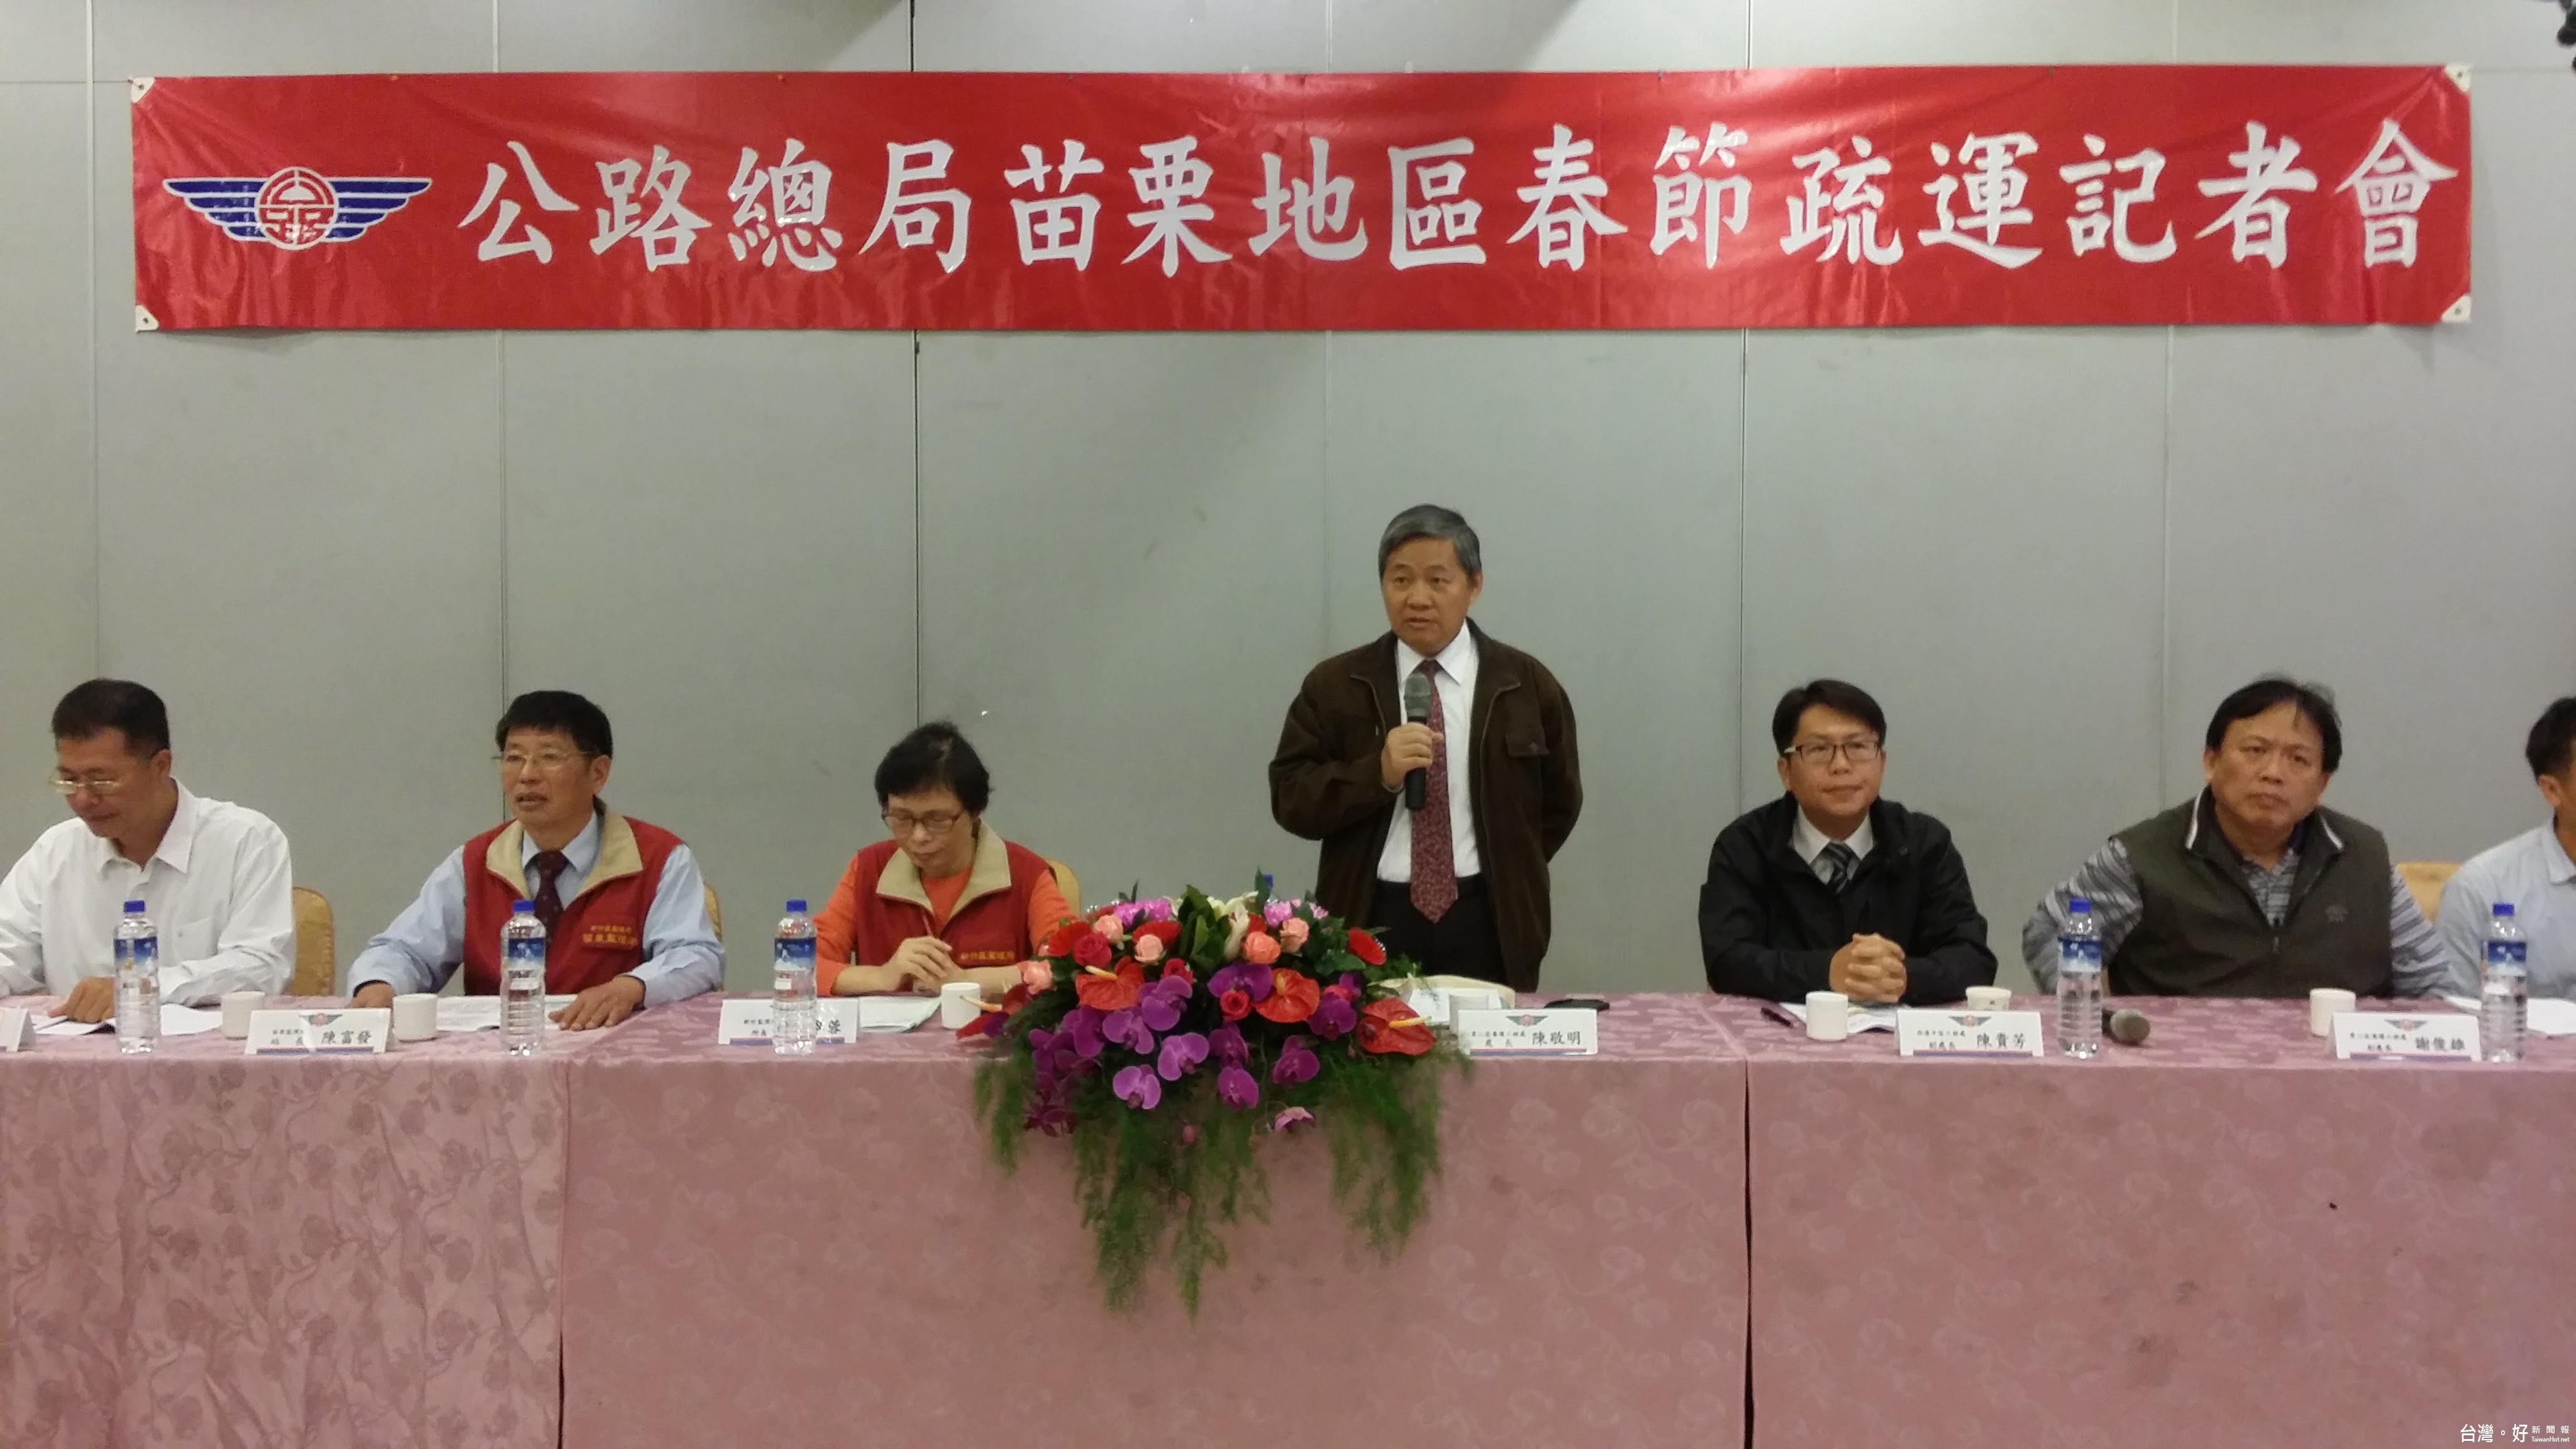 因應春節連假 公路總局說明交通疏運計畫